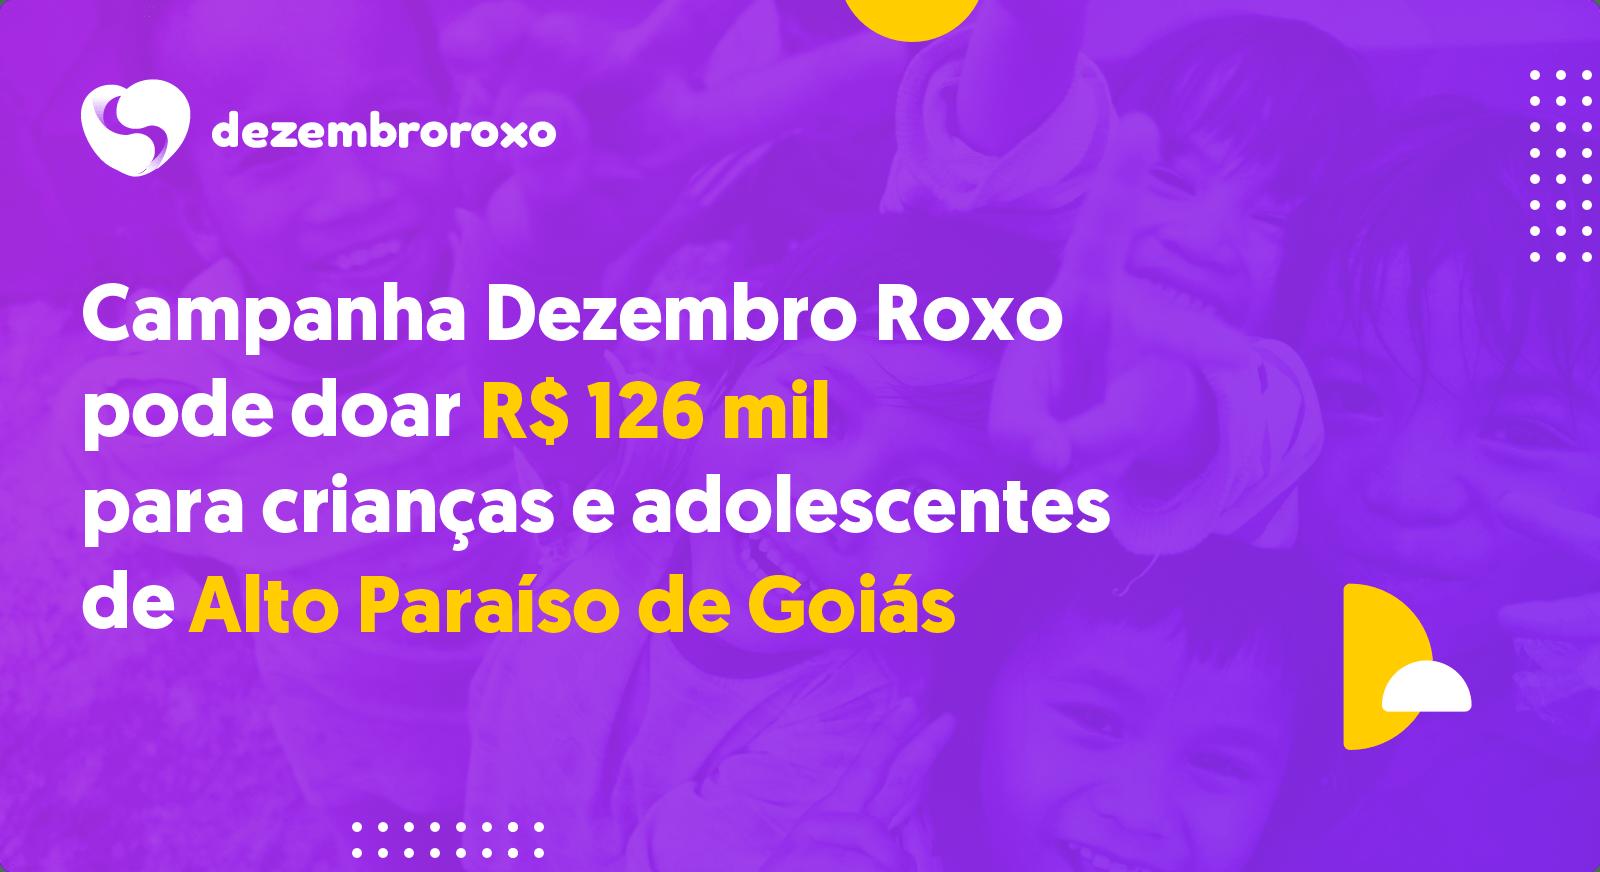 Doações em Alto Paraíso de Goiás - GO